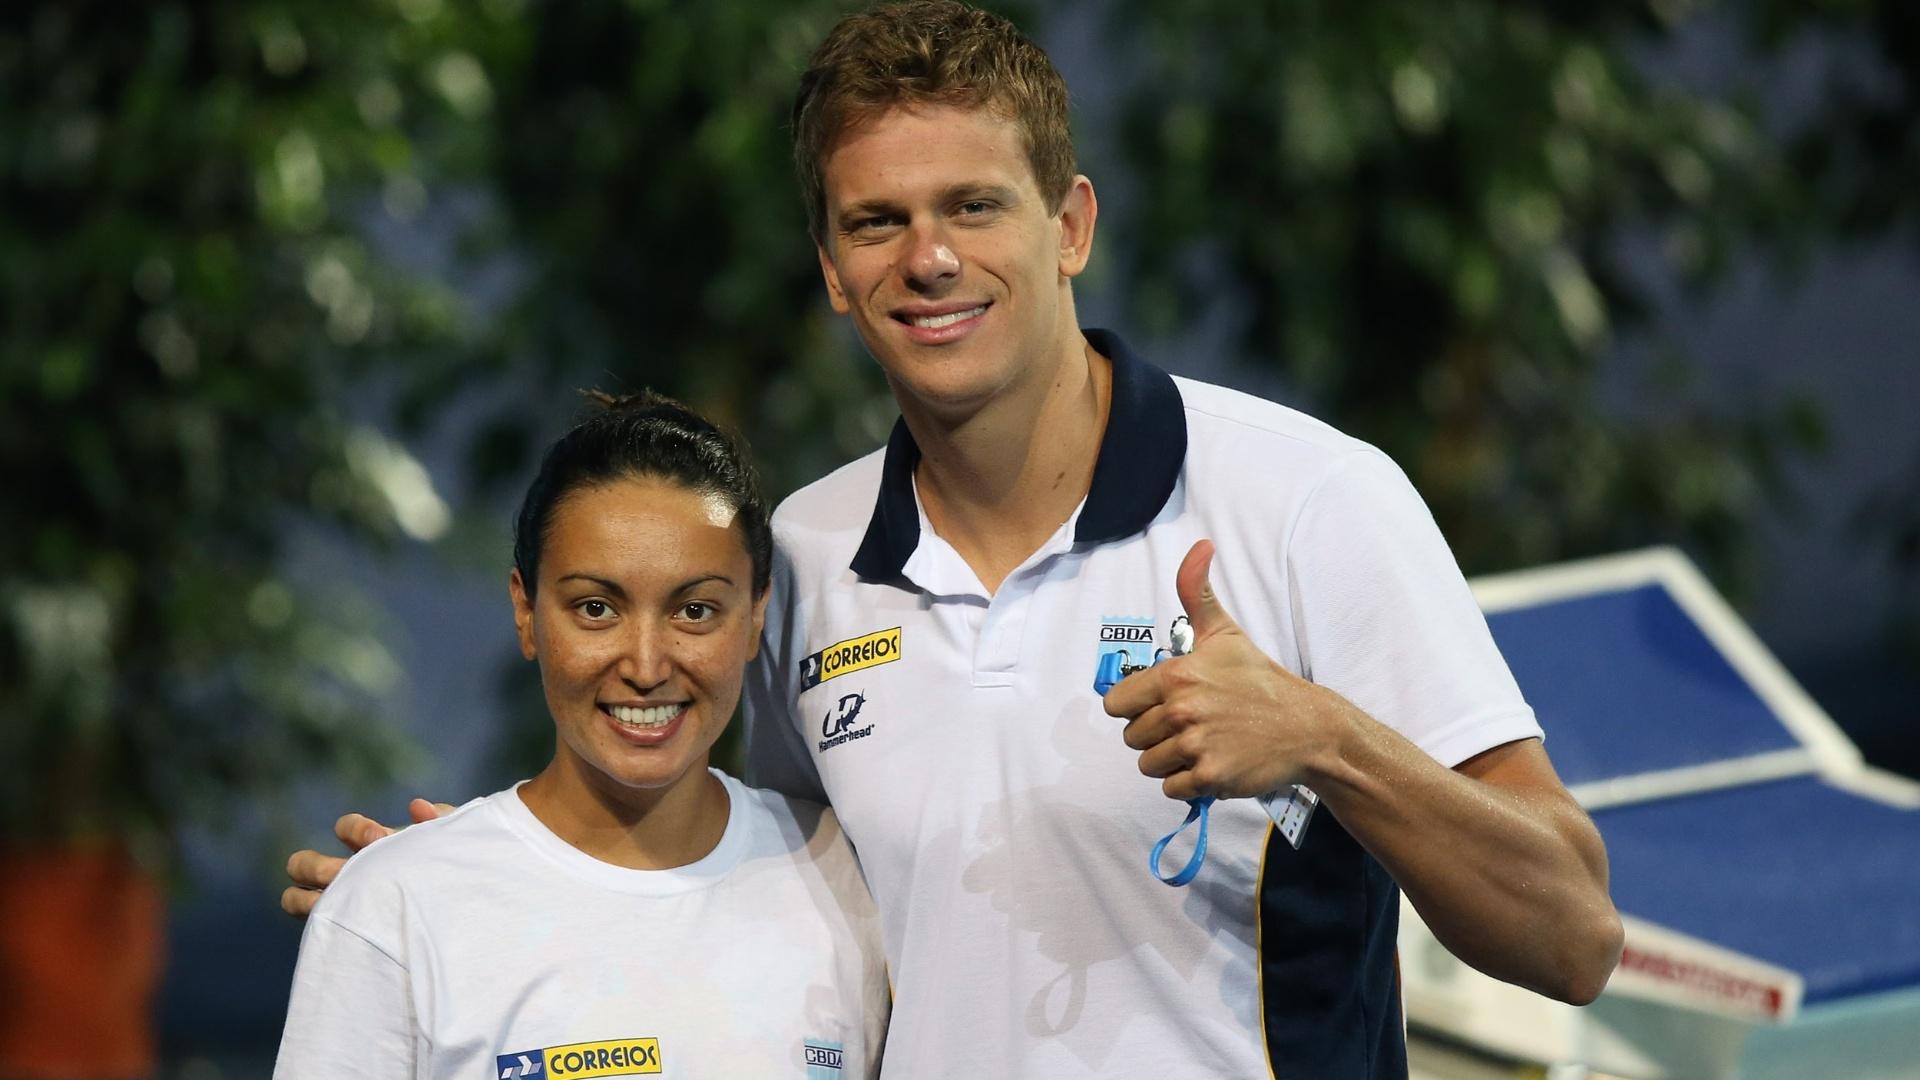 24.jul.2013 - Cesar Cielo e Poliana Okimoto se encontram durante treino em Barcelona